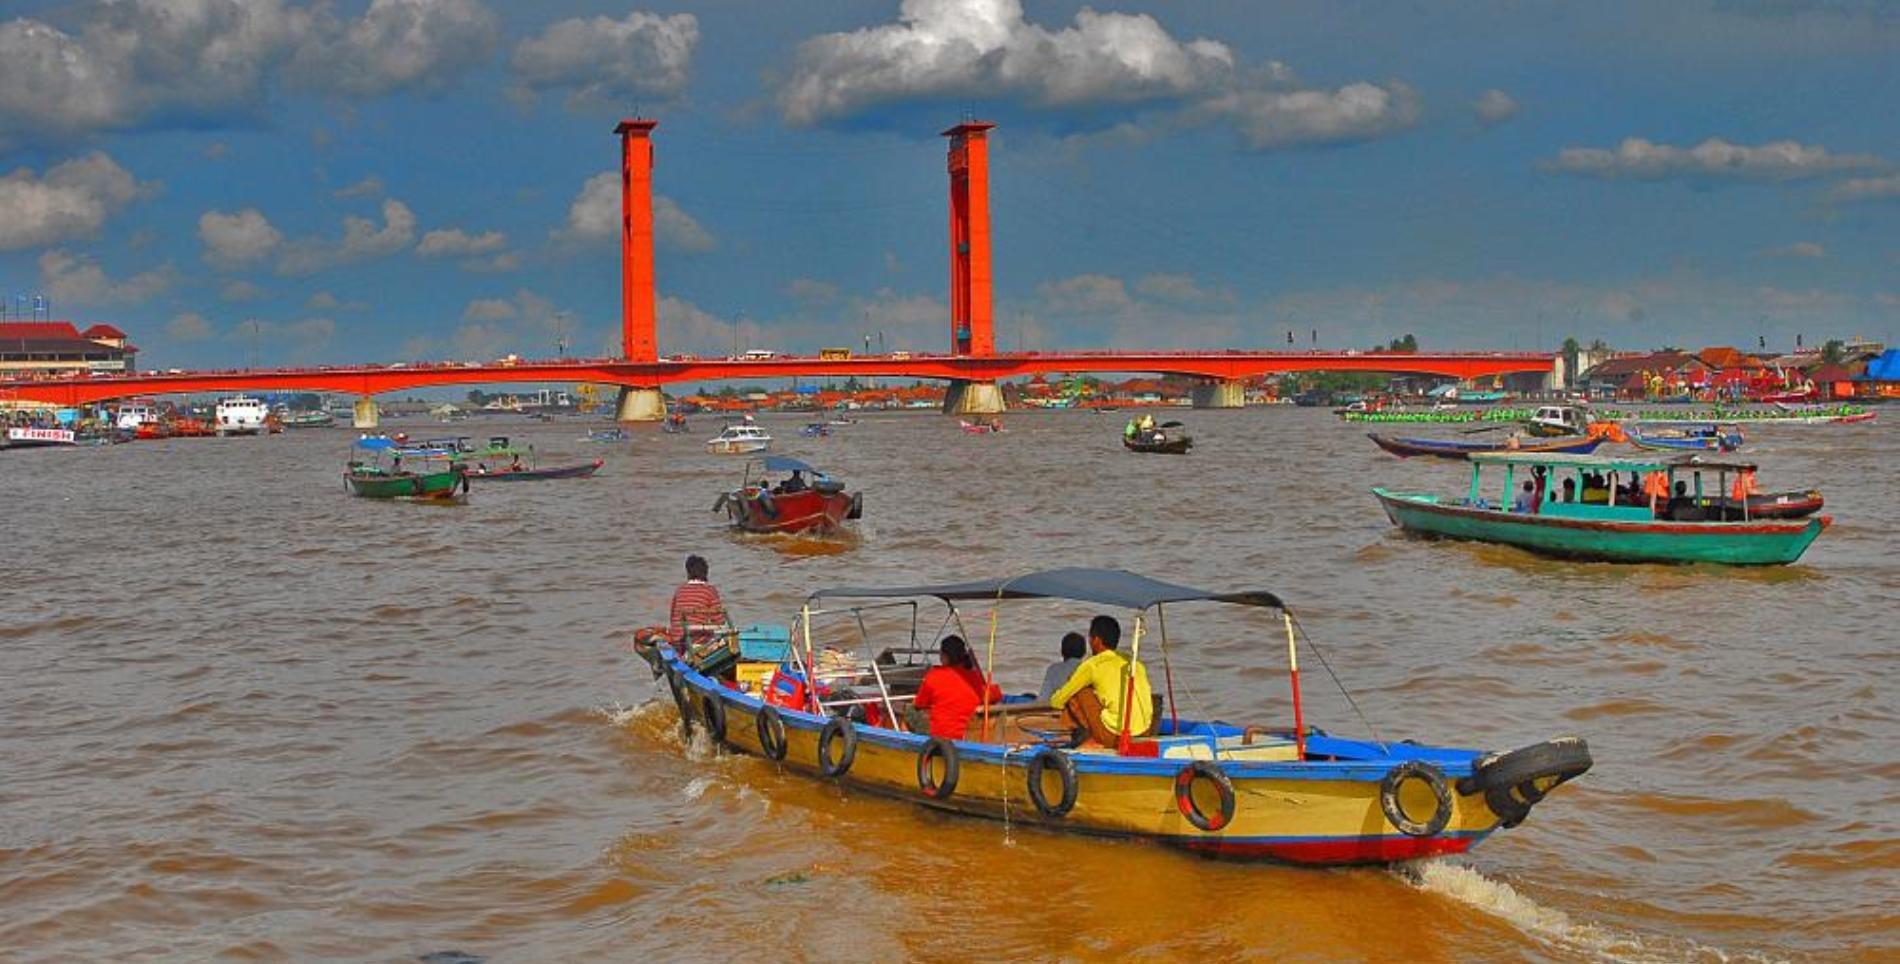 Palembang Musi rivier